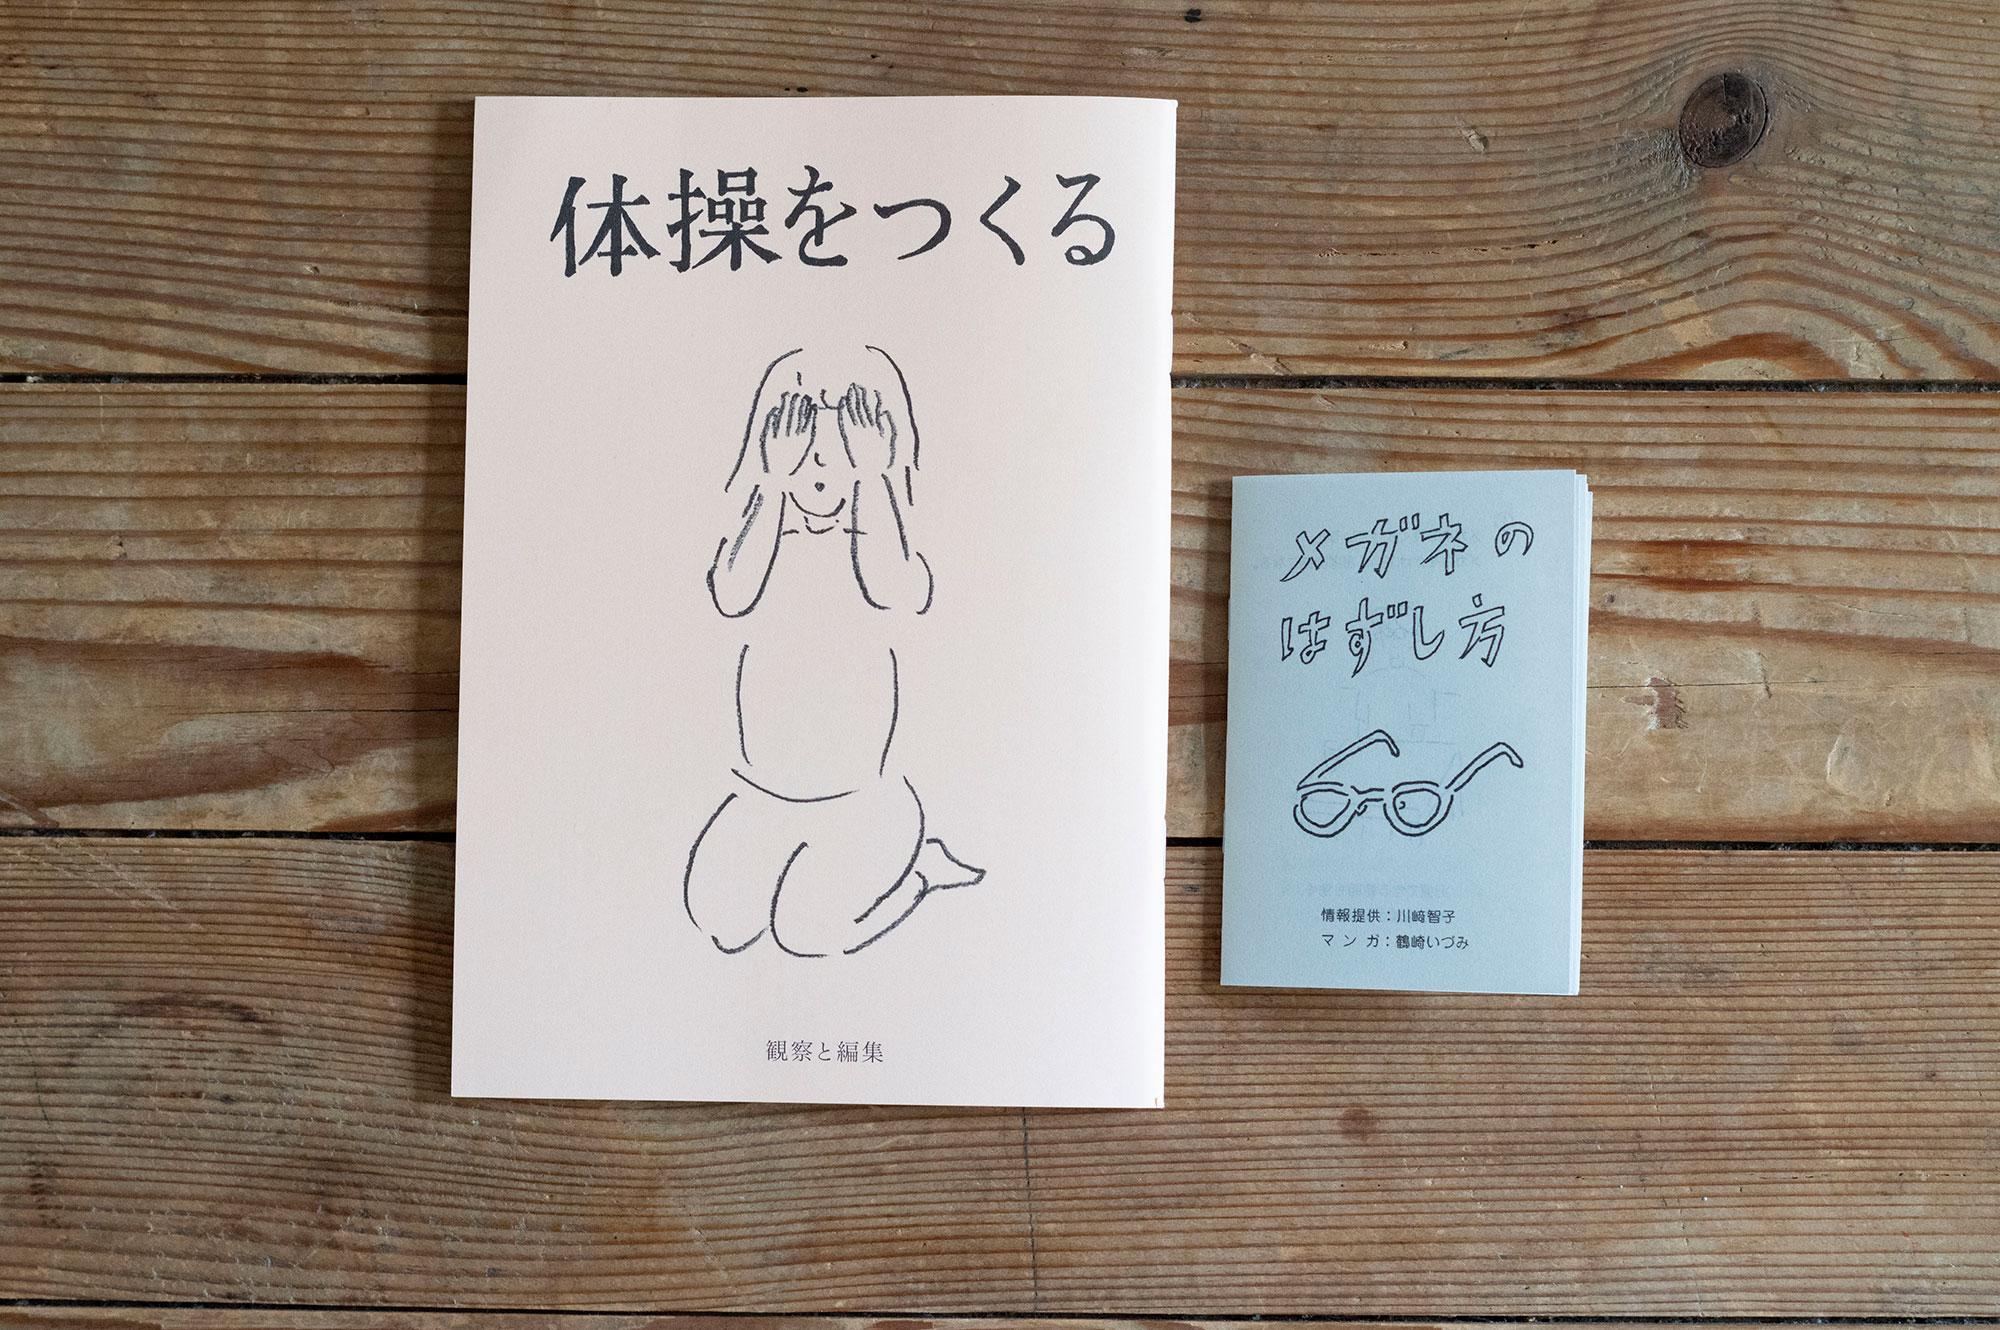 体操をつくる/川﨑智子、鶴崎いづみ